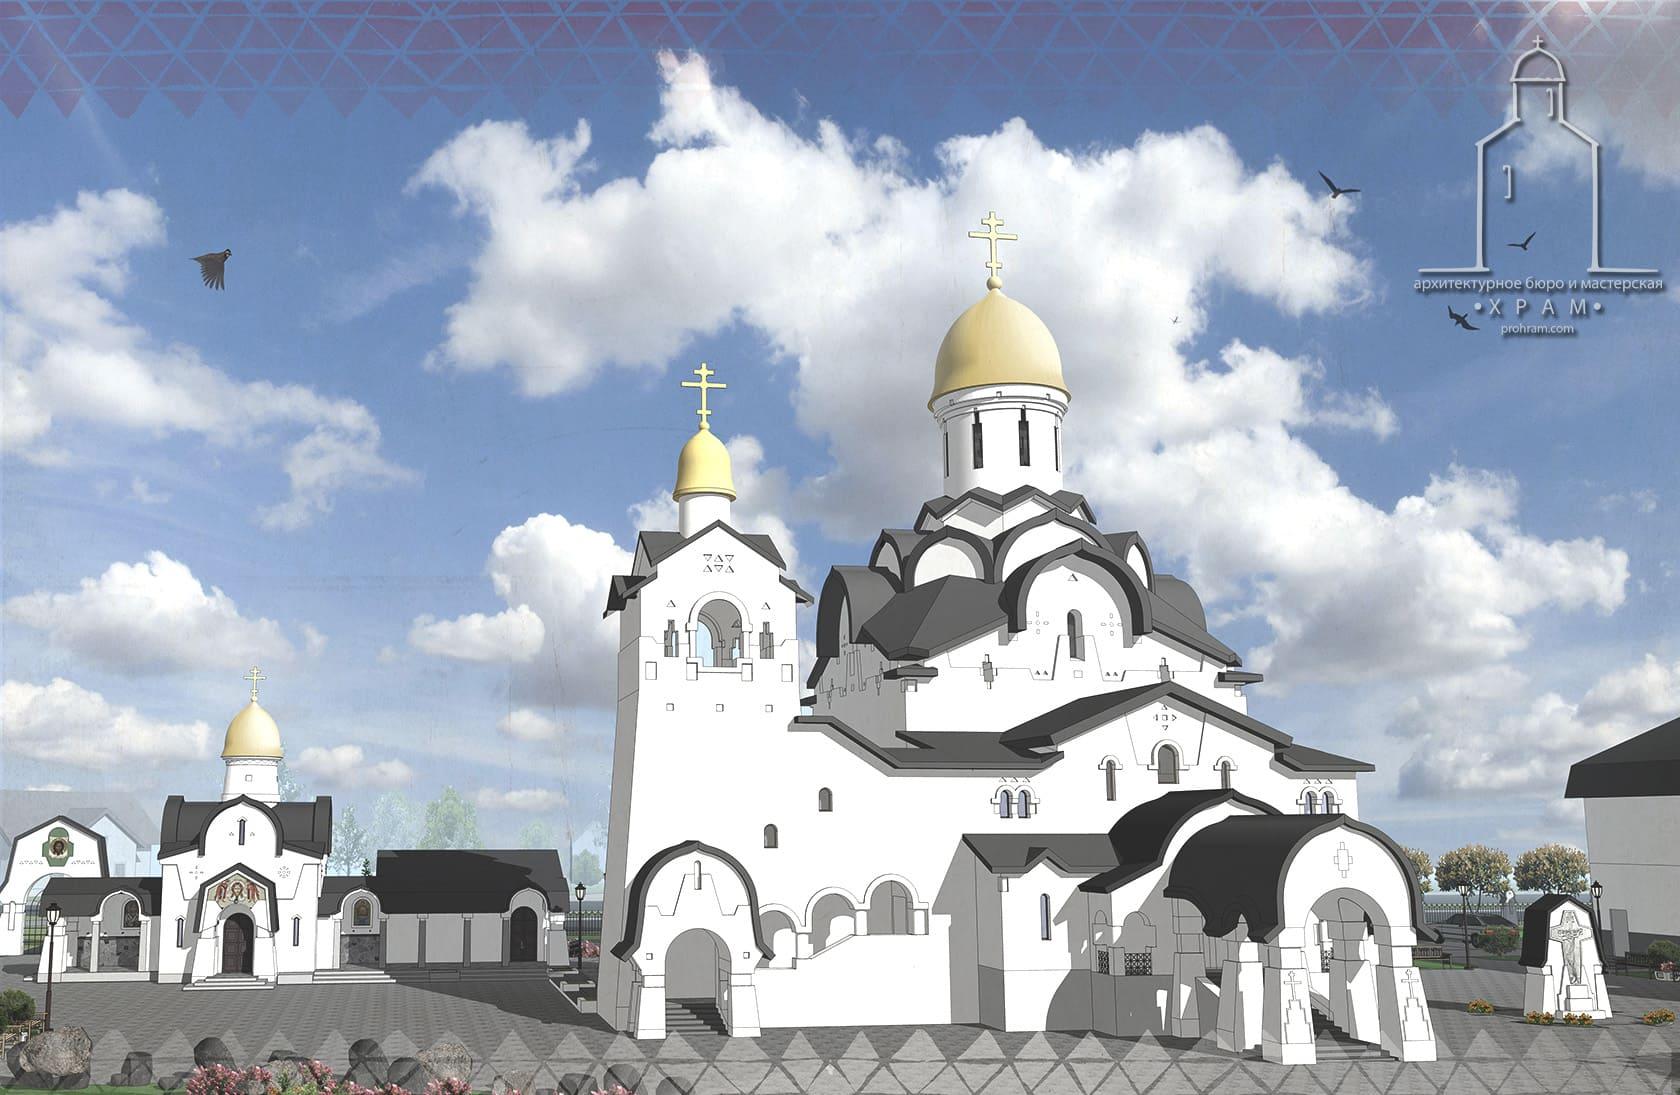 проект храма, христианский храм проект, церковь проект